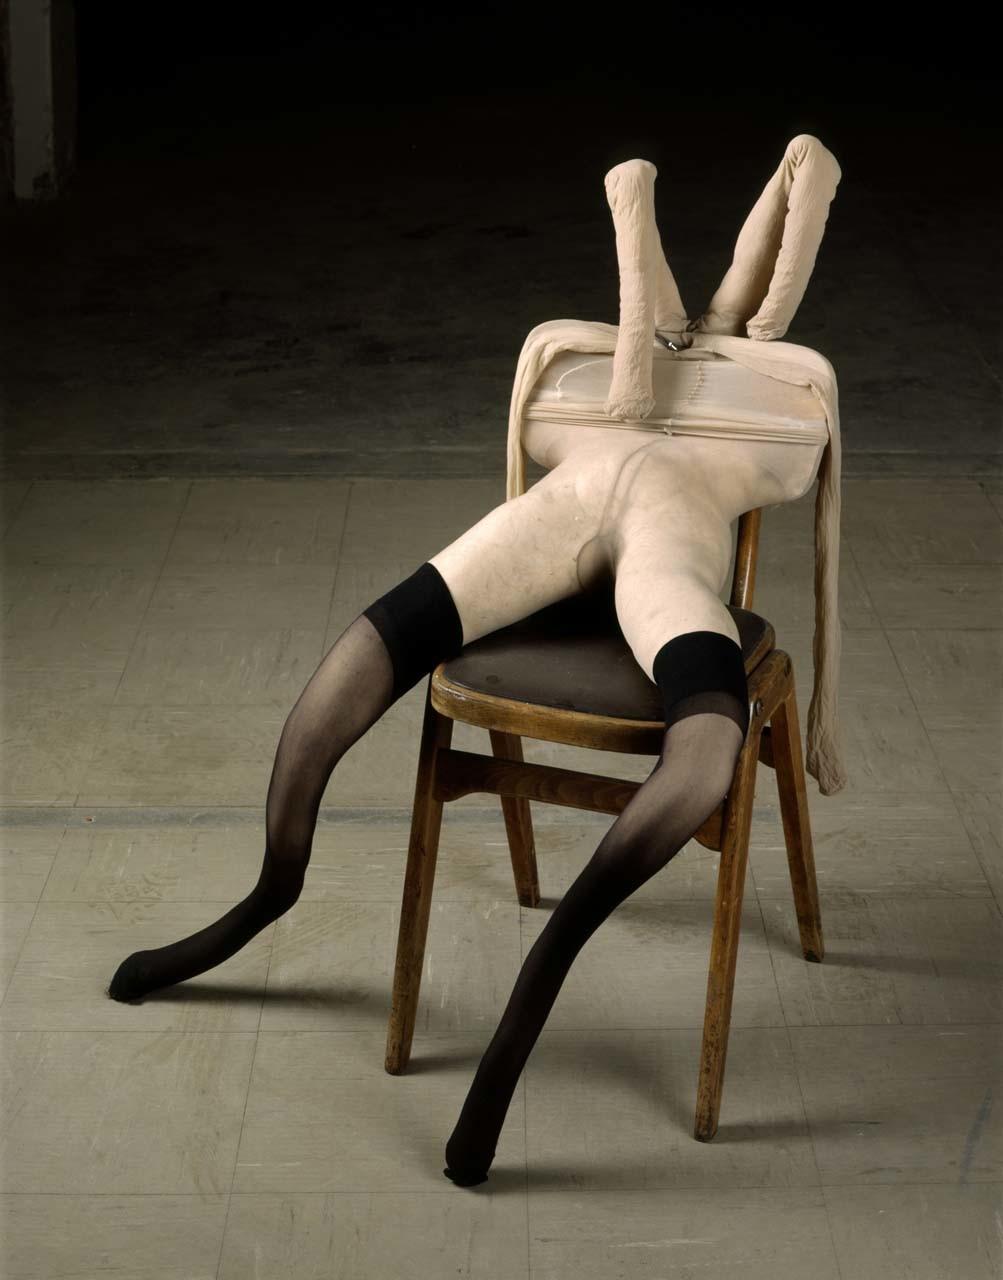 """<div class=""""artwork_caption""""><p>Bunny Gets Snookered, 1997</p></div>"""